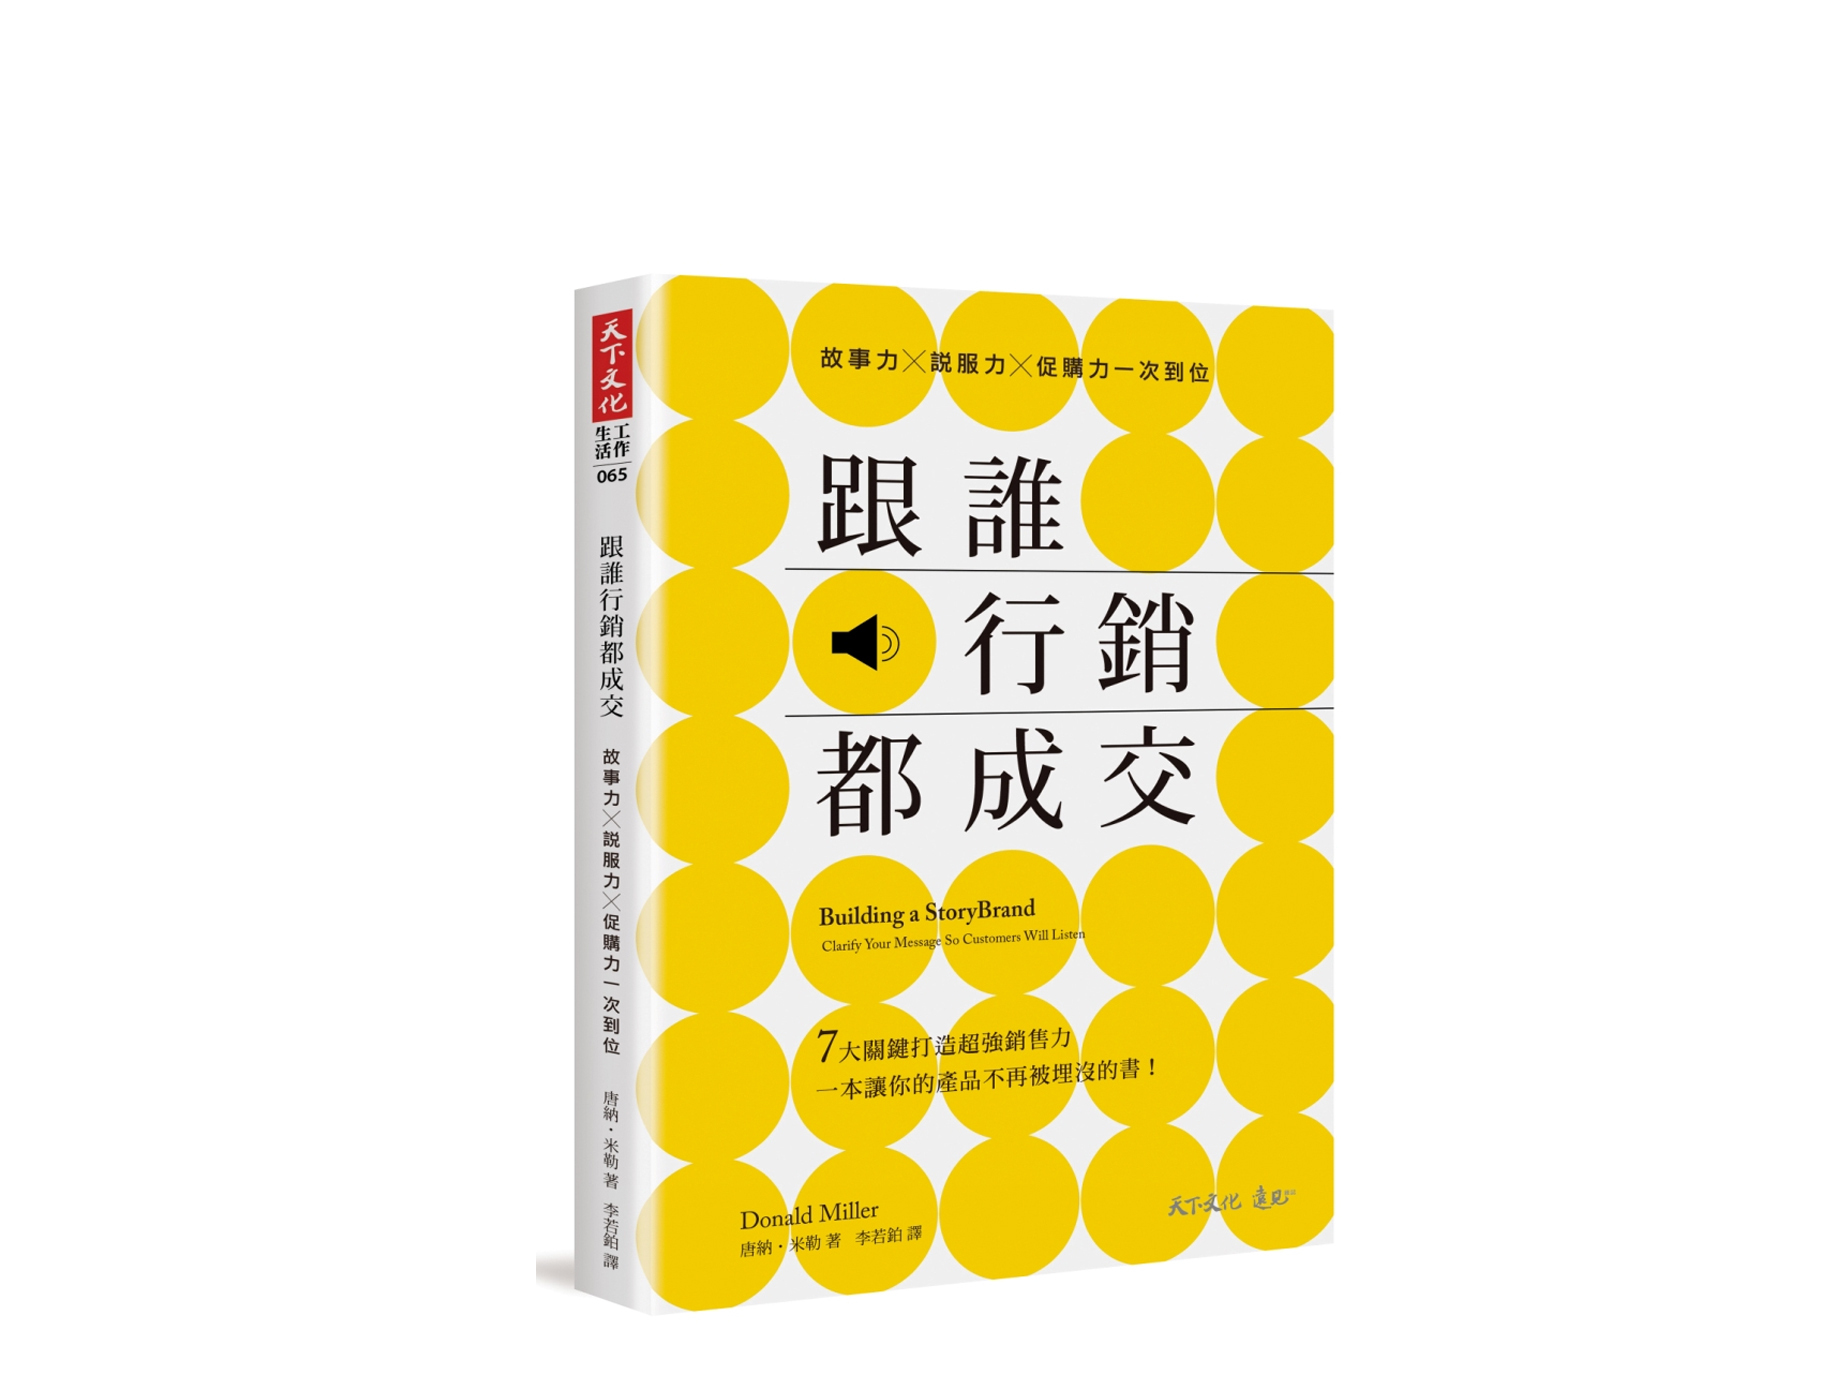 新書搶先看》銷售力黃金法則:3問題,掌握行銷切入點